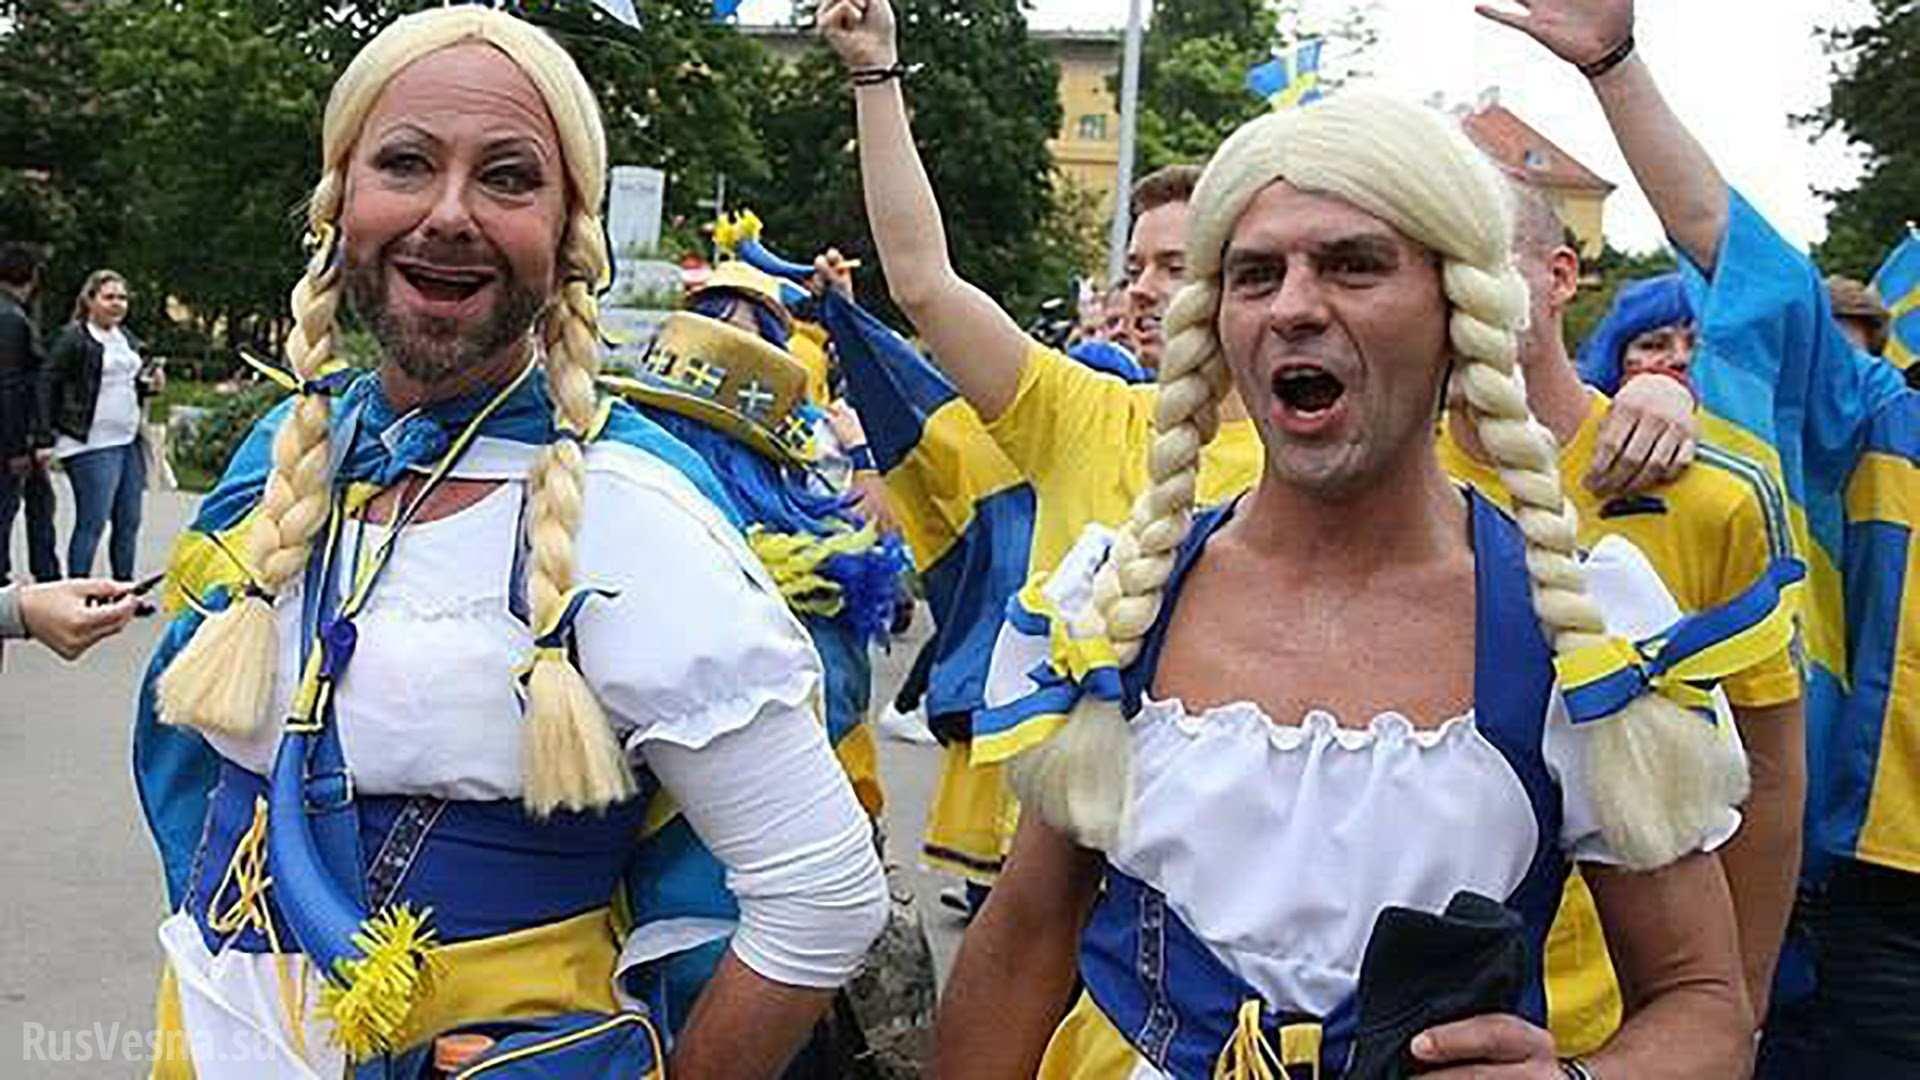 Украинка сосёт член, Хохлушка сосет член -видео. Смотреть Хохлушка 4 фотография